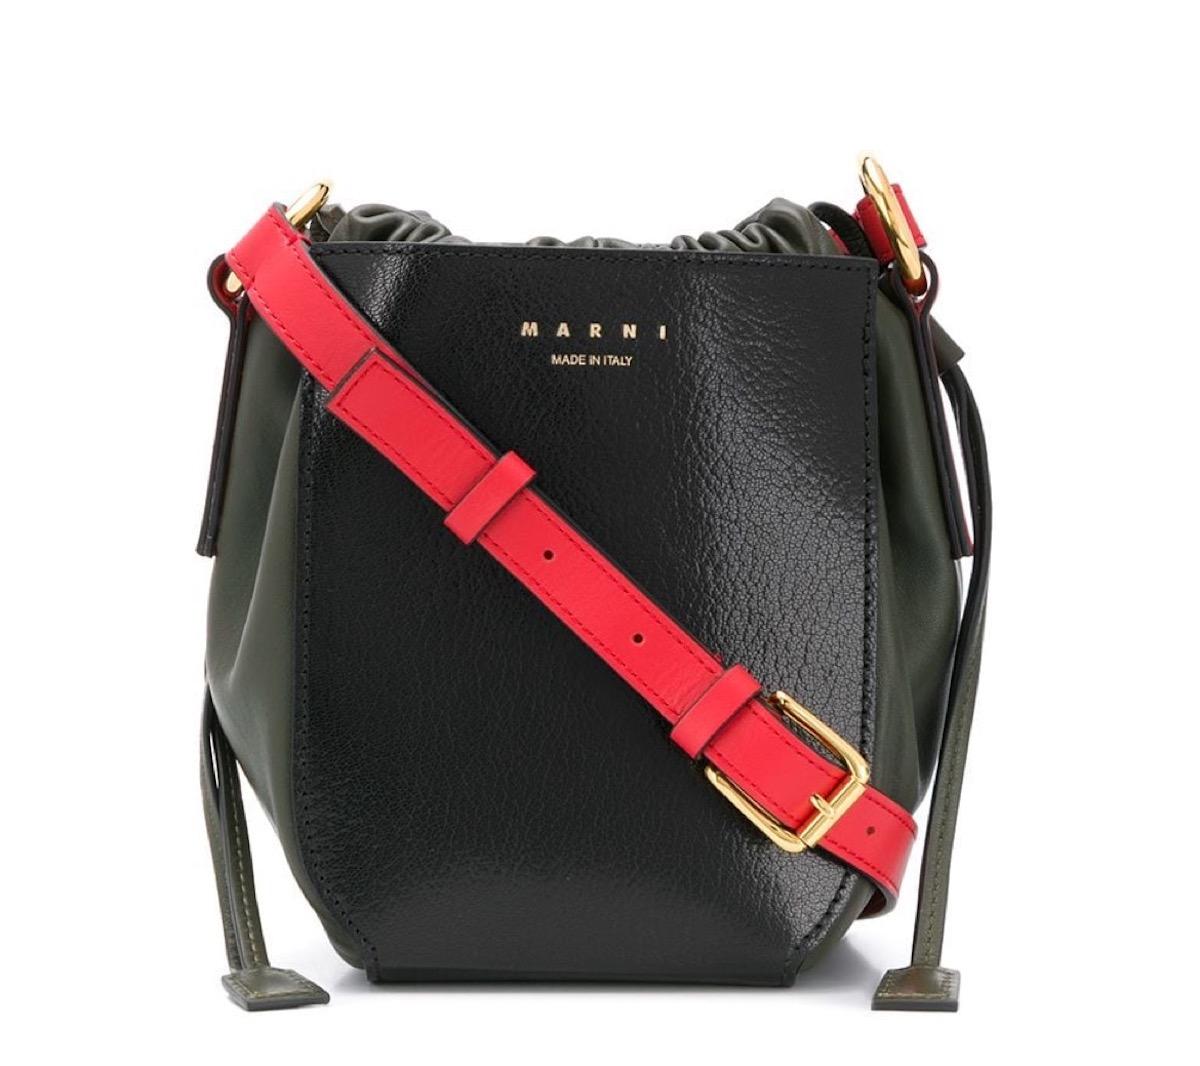 大人かわいいミニバッグ値段別まとめ♪Marni(マルニ)Gusset バケットバッグ